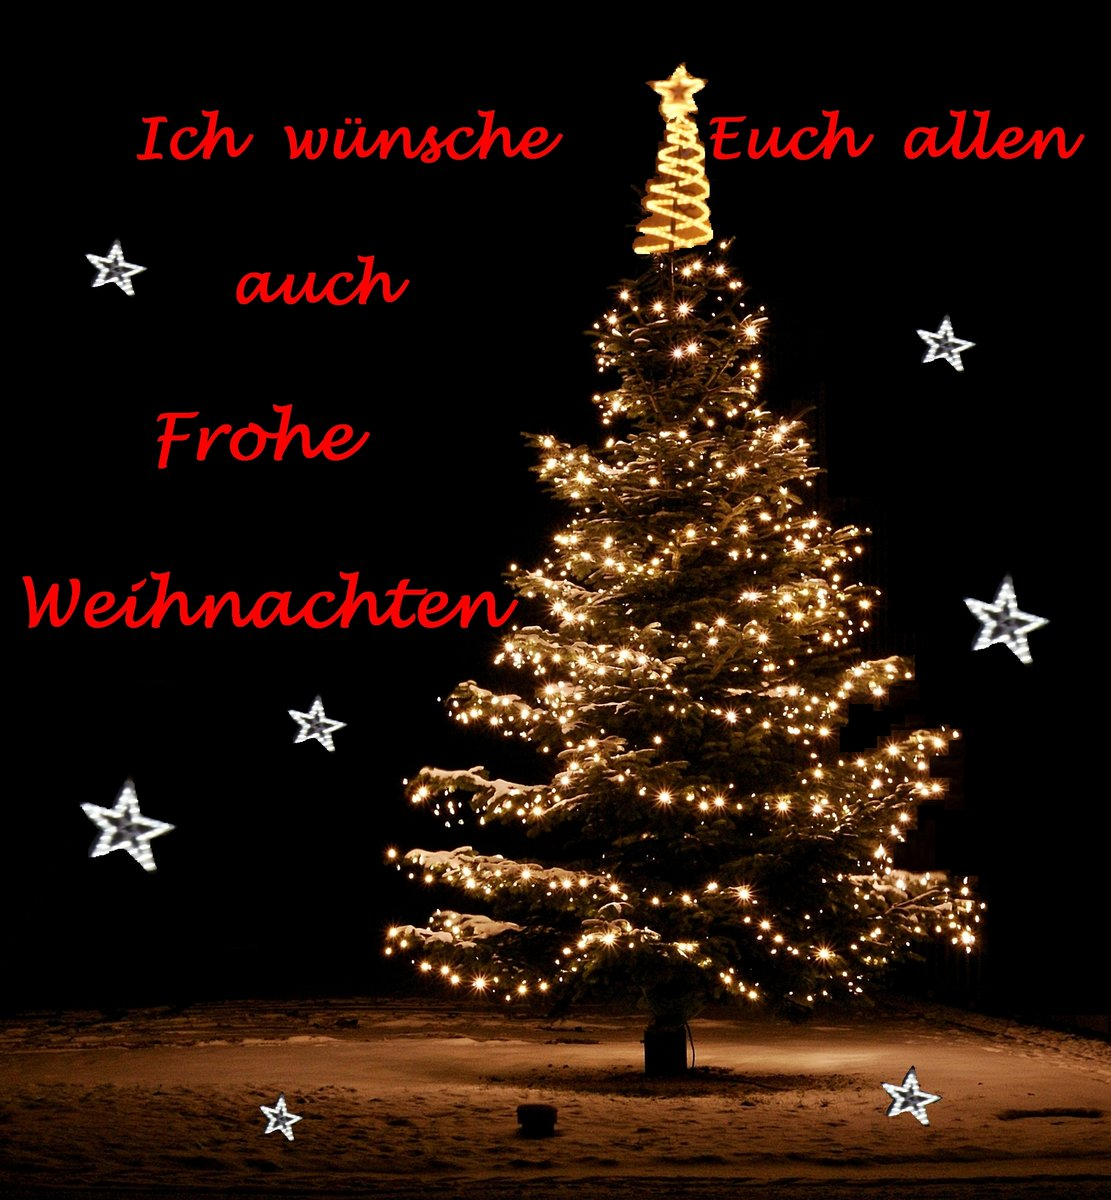 Frohe Weihnachten Euch Allen.Frohe Weihnachten Wünsche Ich Euch Allen